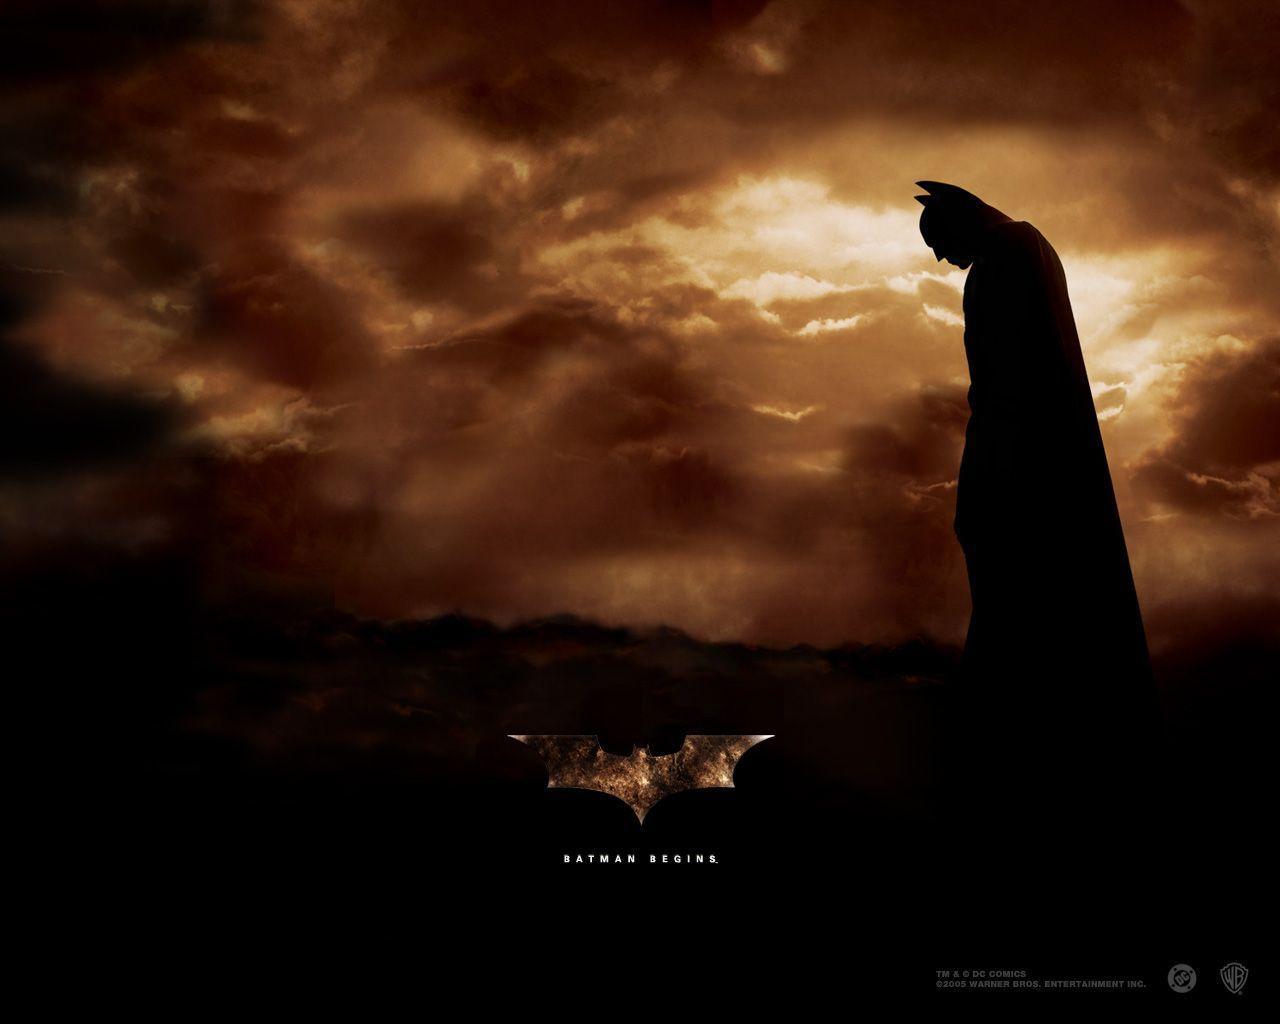 Batman Begins Movie Hd Wallpapers in Movies 1280x1024PX ...